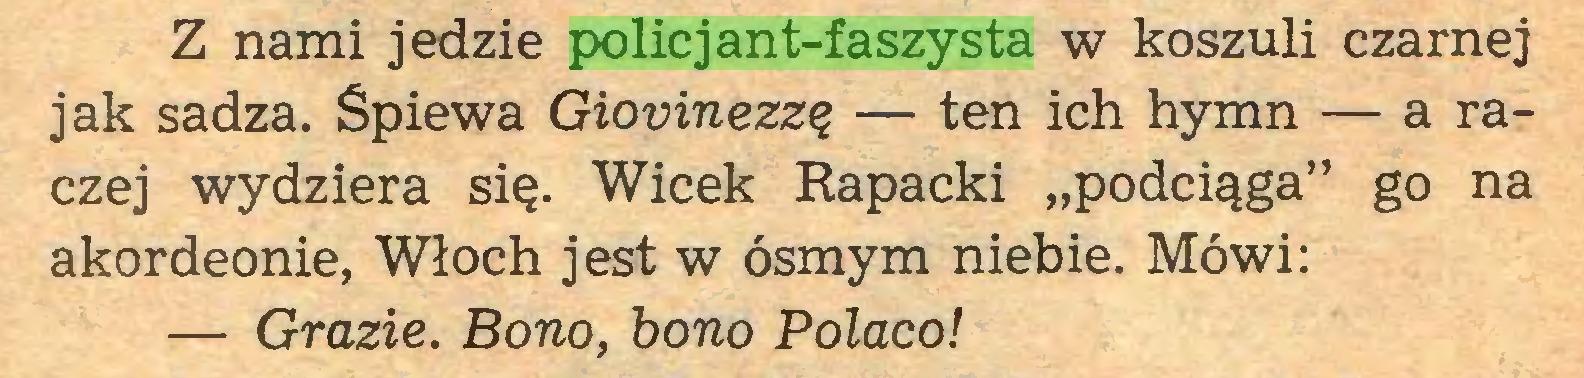 """(...) Z nami jedzie policjant-faszysta w koszuli czarnej jak sadza. Śpiewa Giovinezzę — ten ich hymn — a raczej wydziera się. Wicek Rapacki """"podciąga"""" go na akordeonie, Włoch jest w ósmym niebie. Mówi: — Grazie. Bono, bono Polaco!..."""